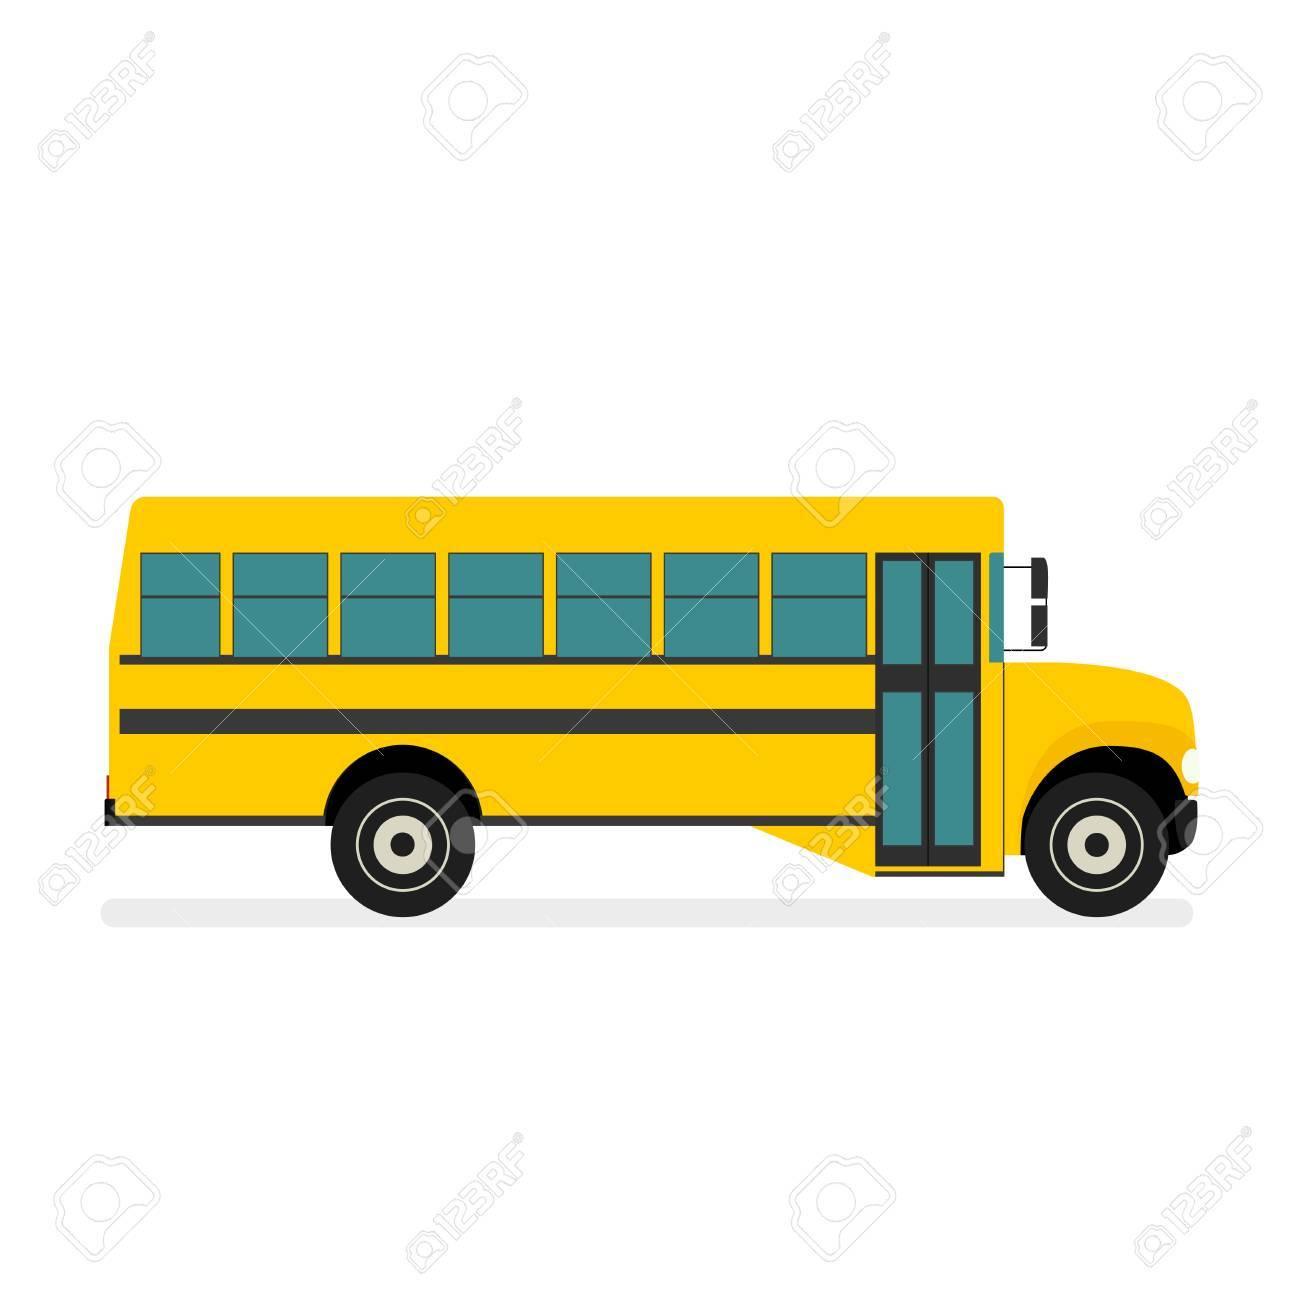 school bus vector royalty free cliparts vectors and stock rh 123rf com school bus vector art school bus vector free